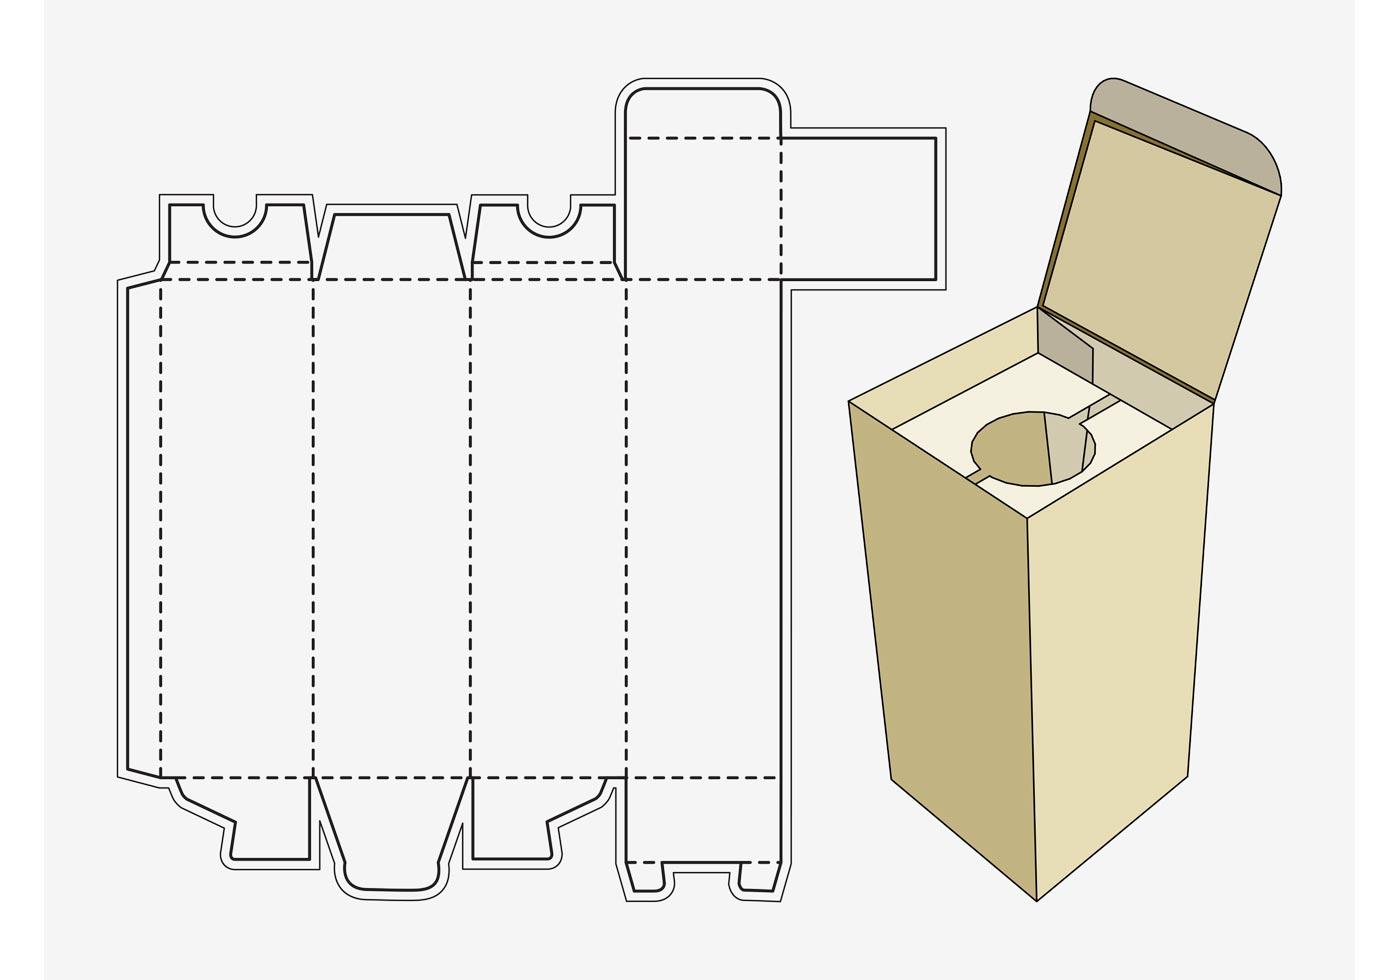 Plantilla de la caja del vino - Descargue Gráficos y Vectores Gratis